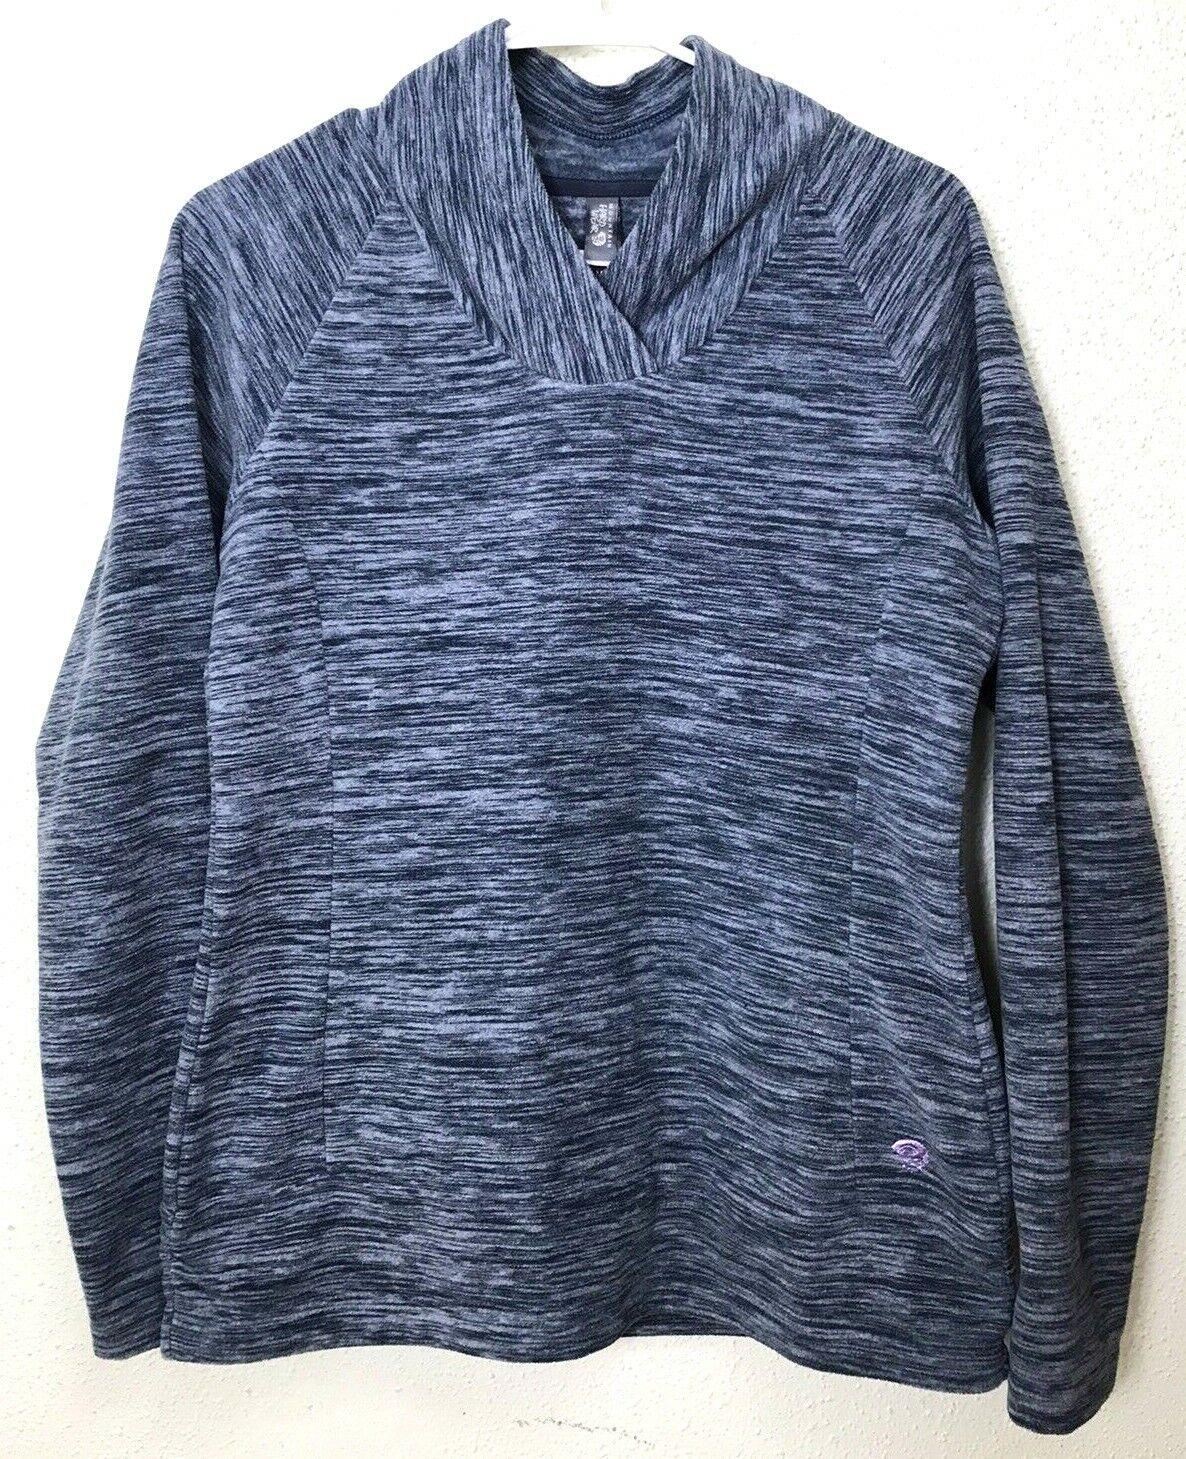 Mountain Hardwear Women's Fleece Pullover Sweater Size M Blue Space-dye